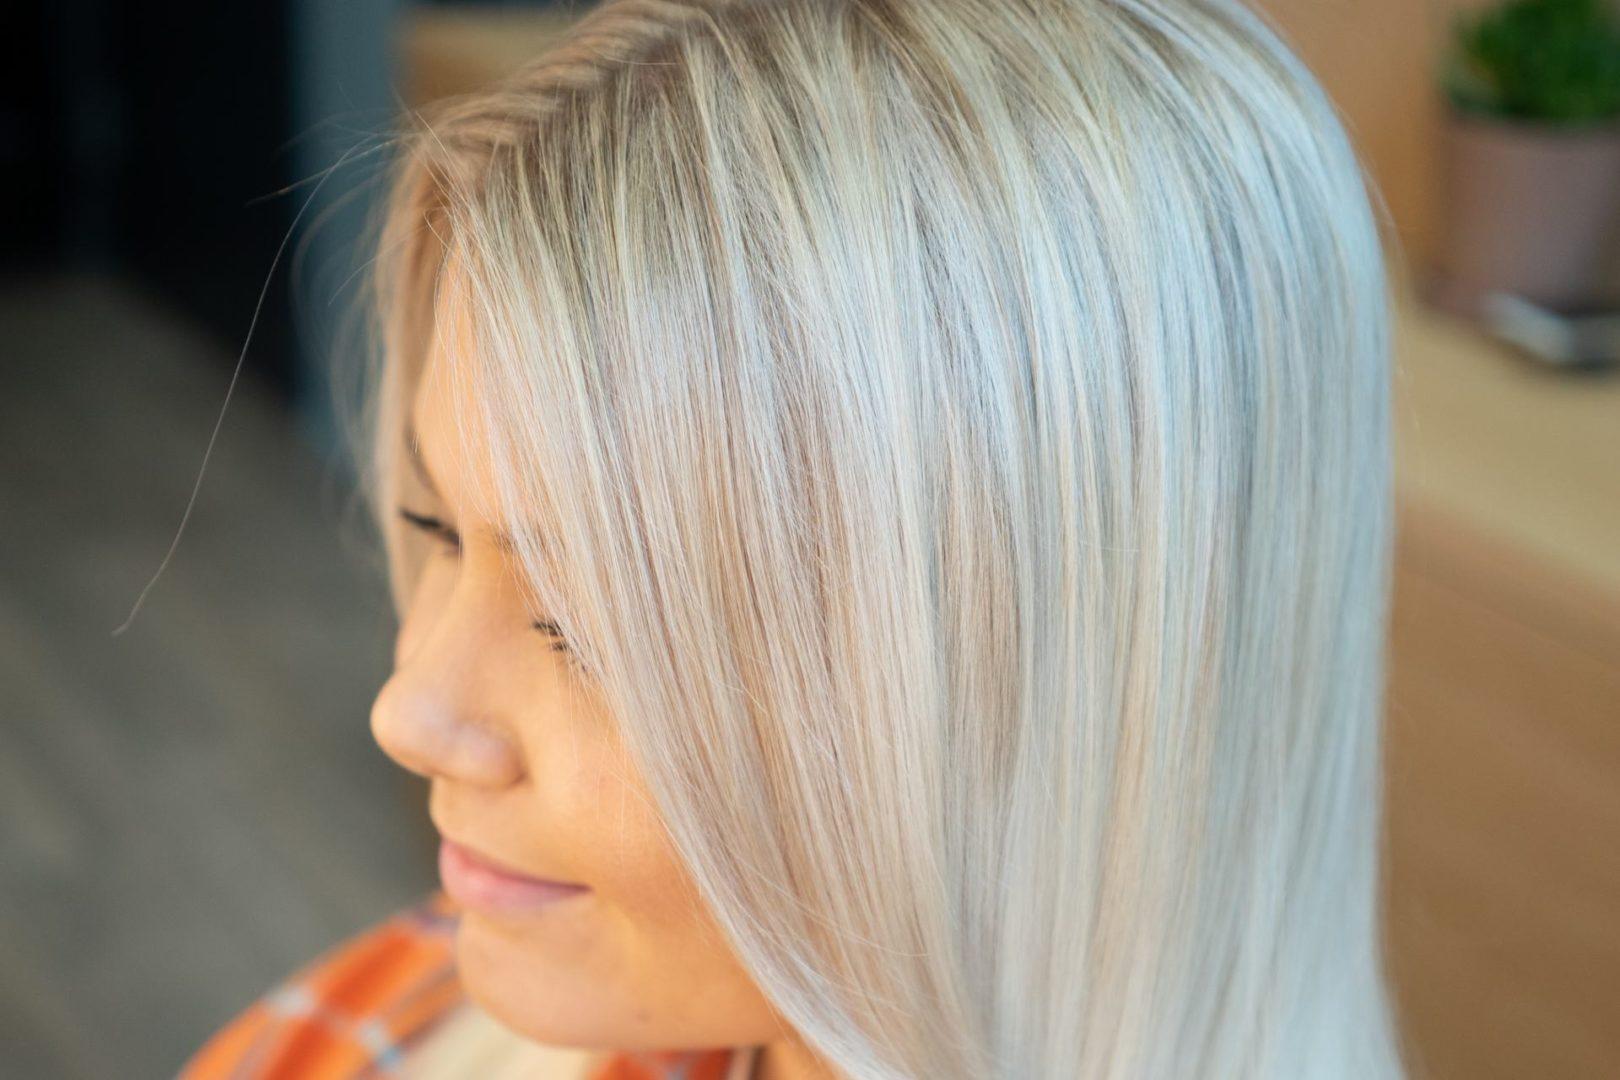 Farge håret lysere? Jakten på den perfekte hårfargen